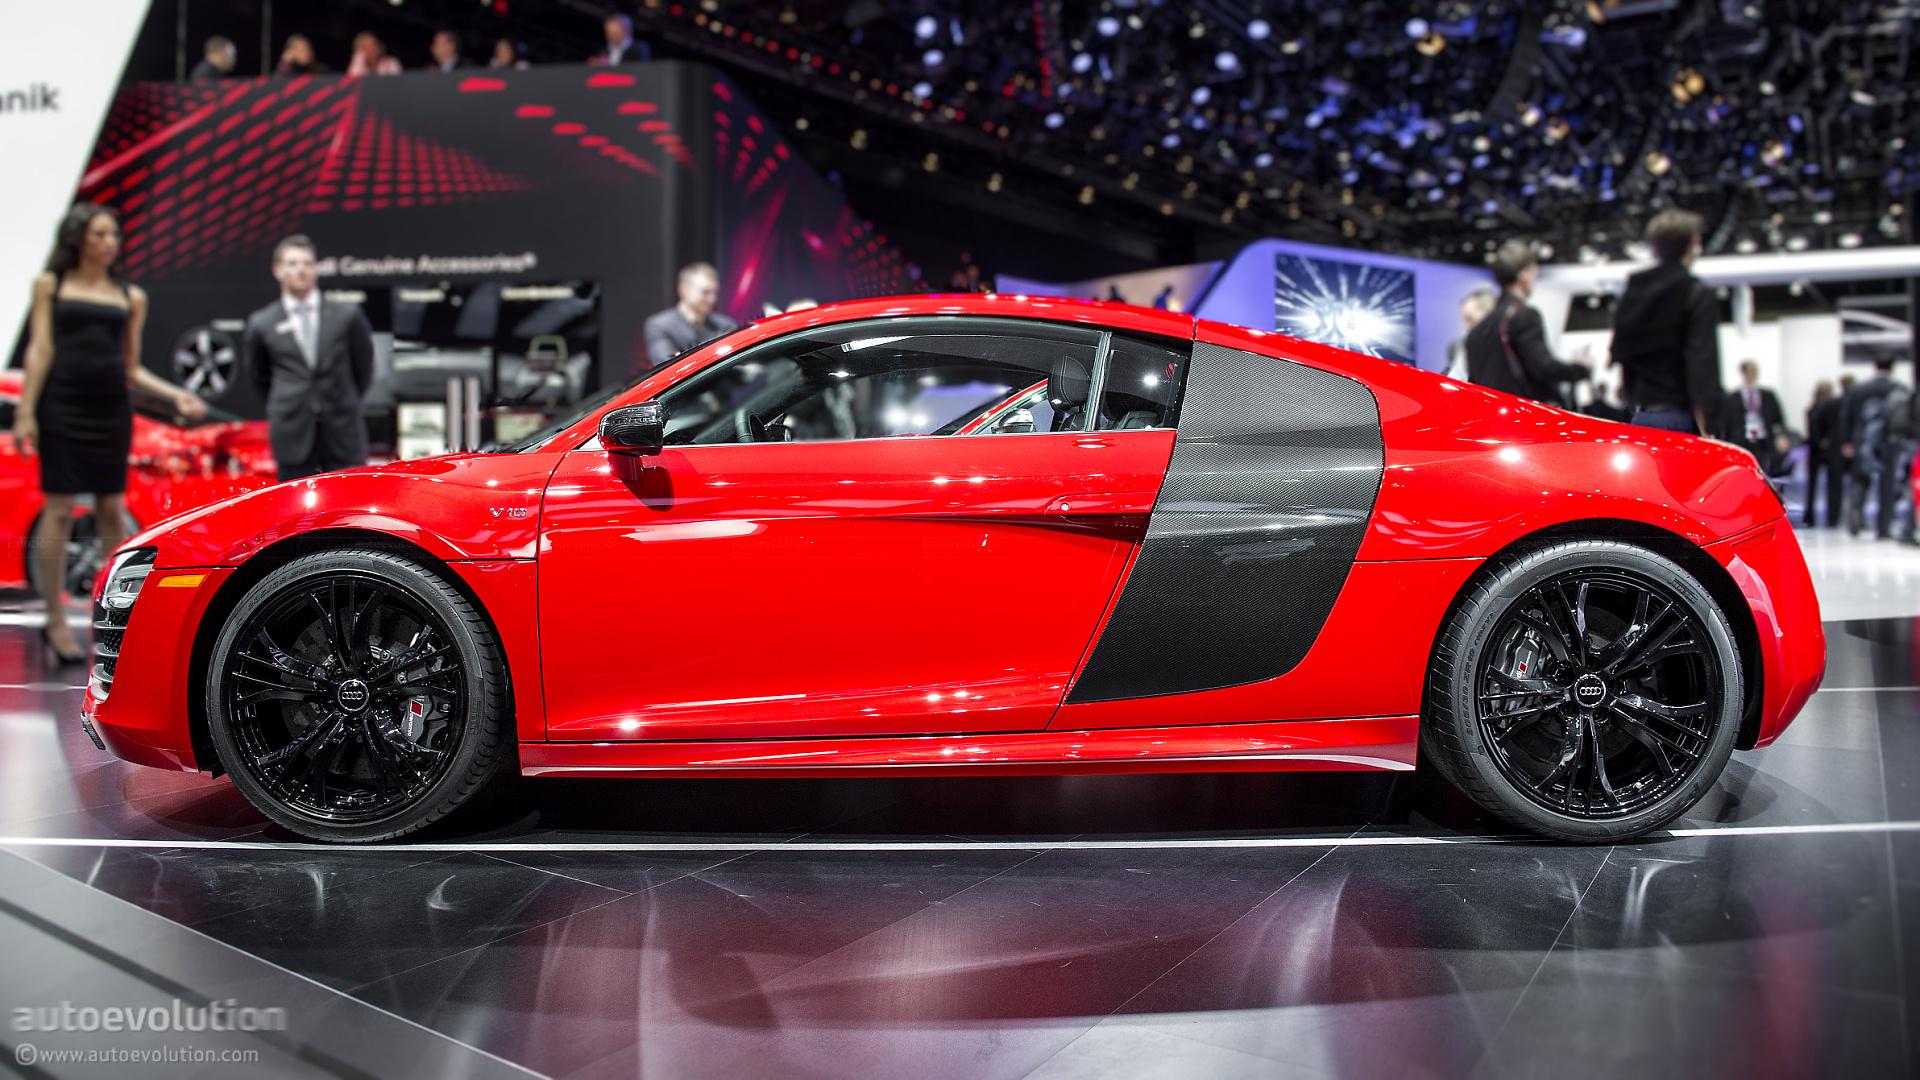 2013 NAIAS: Audi R8 Facelift [Live Photos] - autoevolution